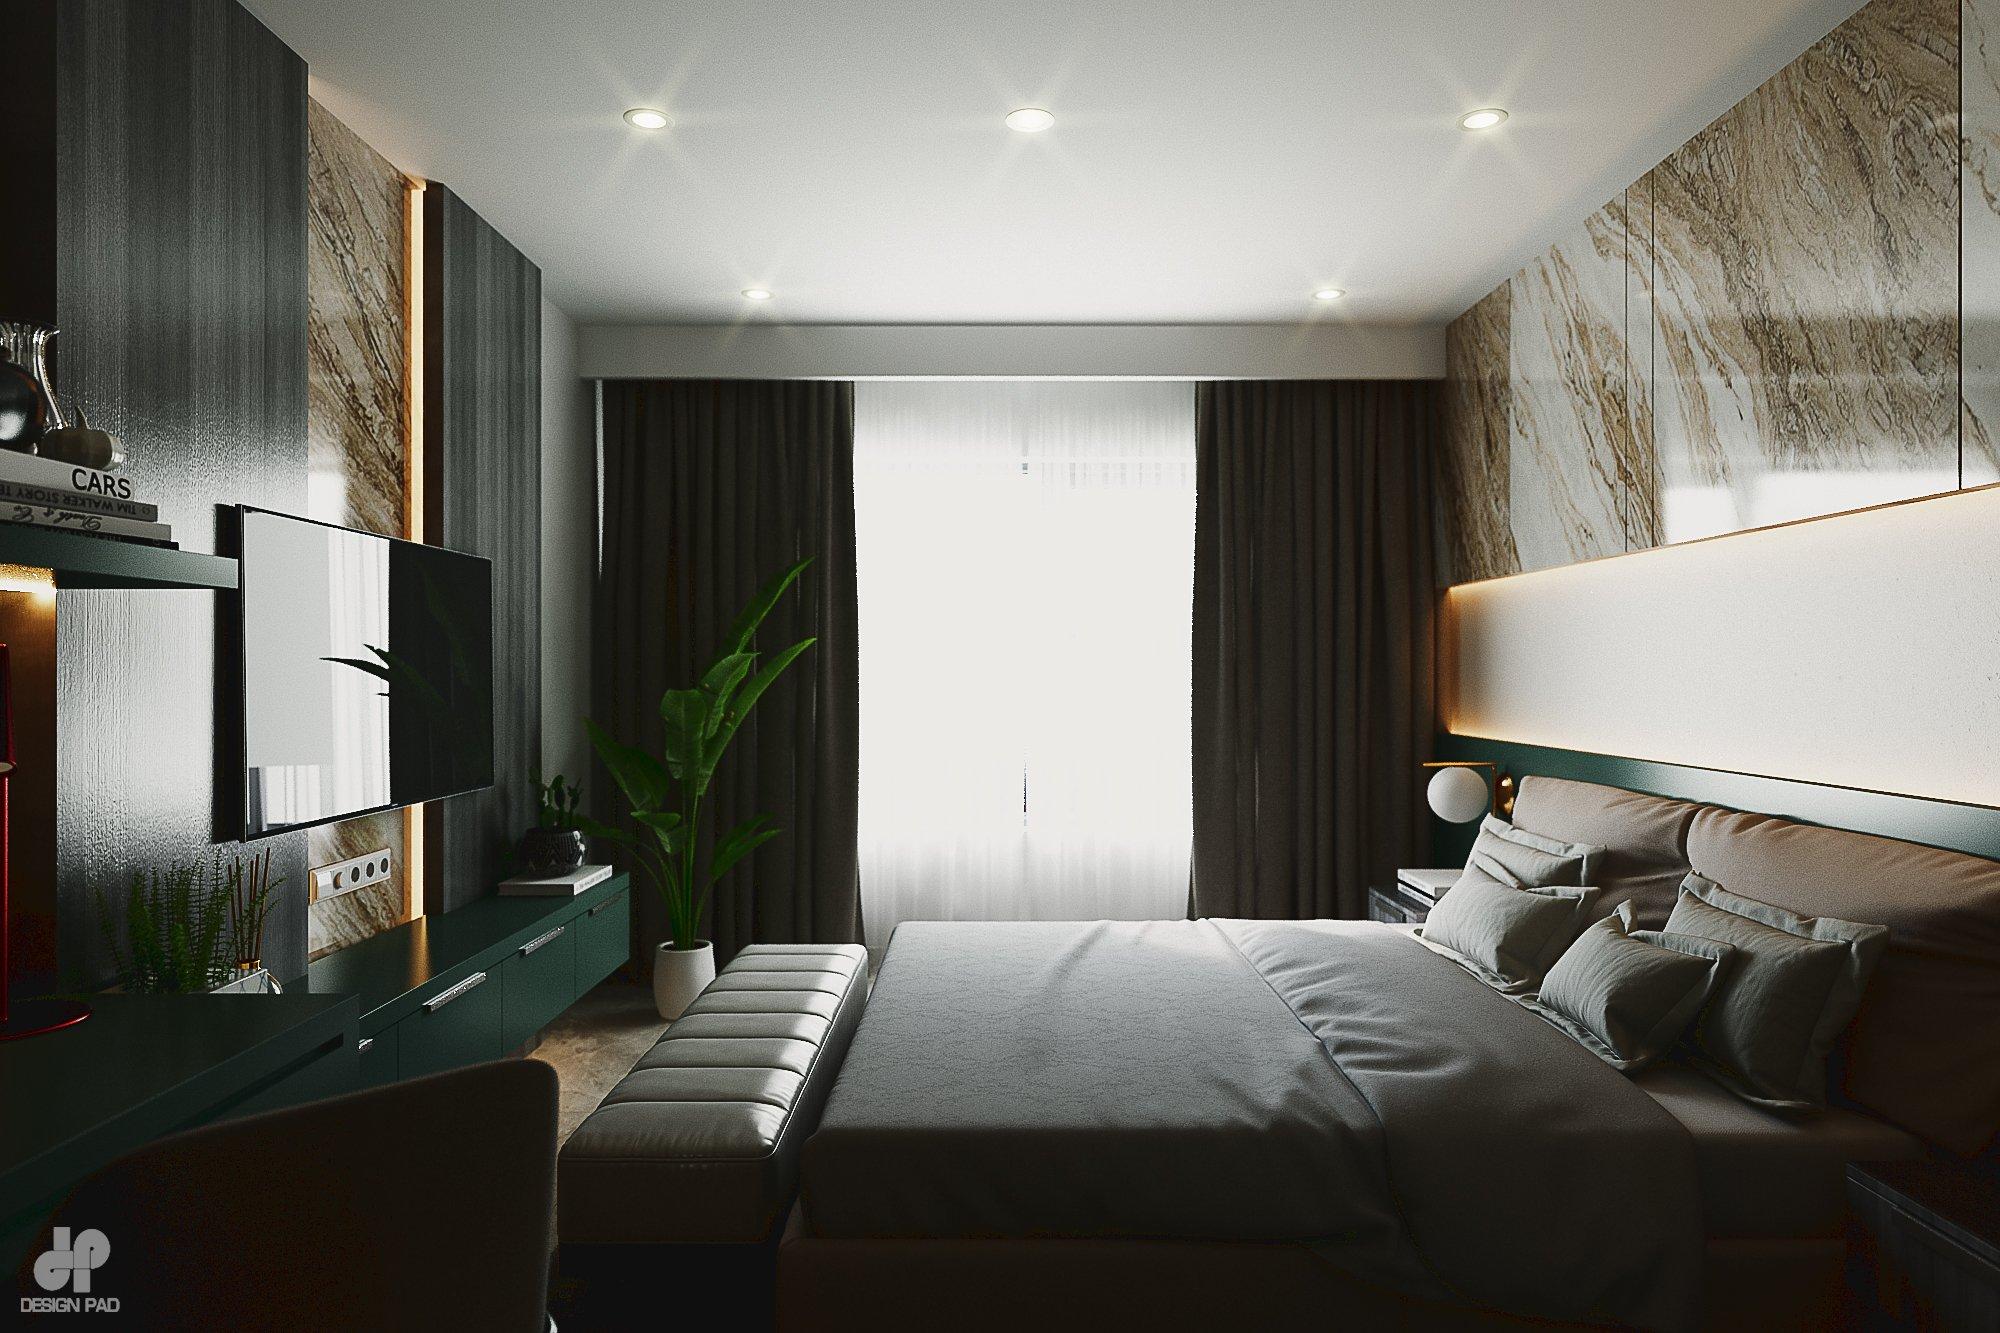 Thiết kế nội thất Nhà Mặt Phố tại Hồ Chí Minh BedRoom - Mr.Huy 1605080088 3